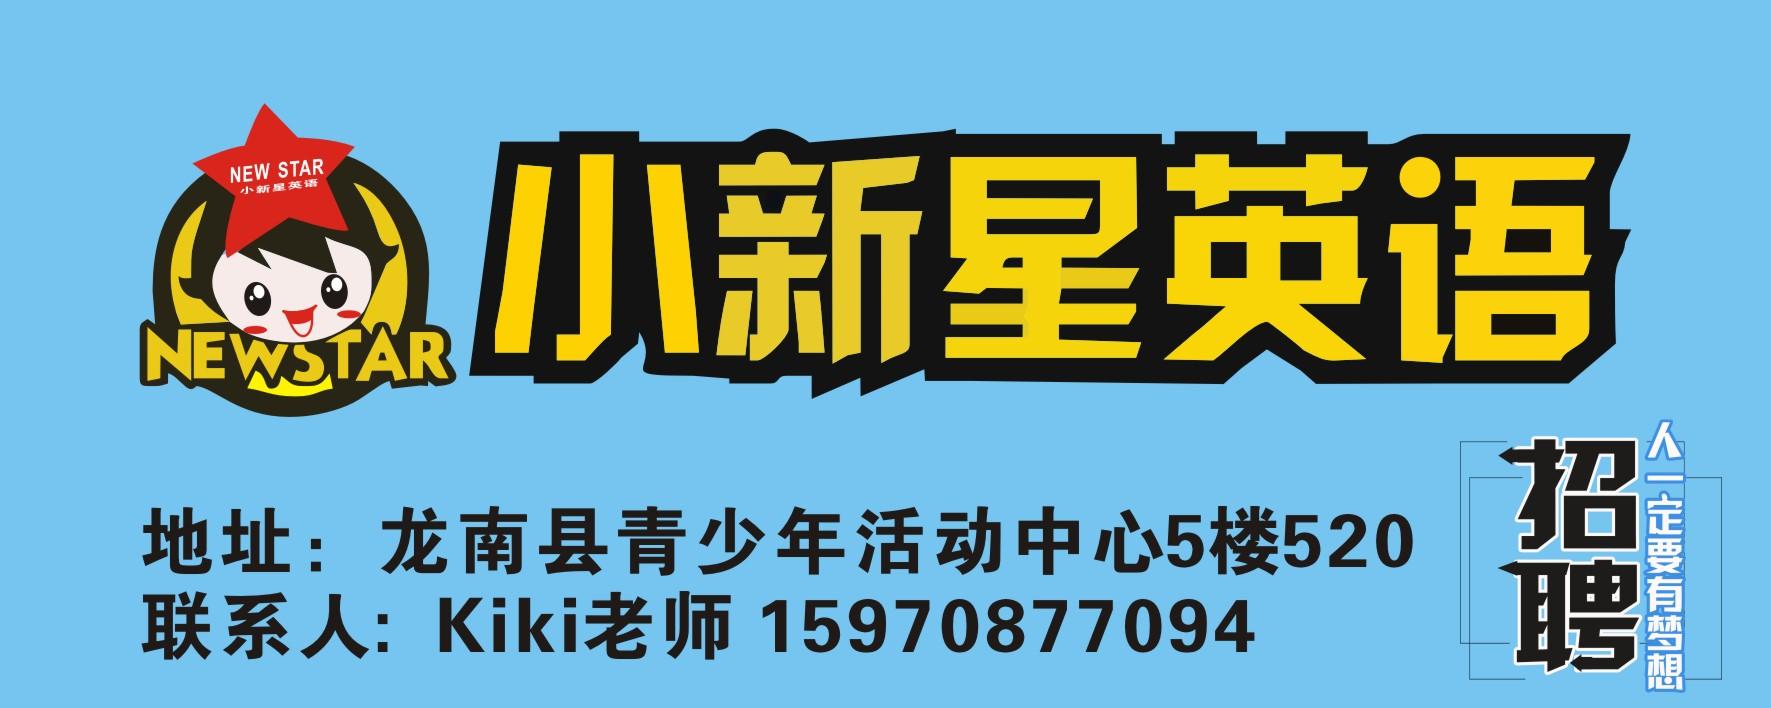 龍南小新星文化培訓中心